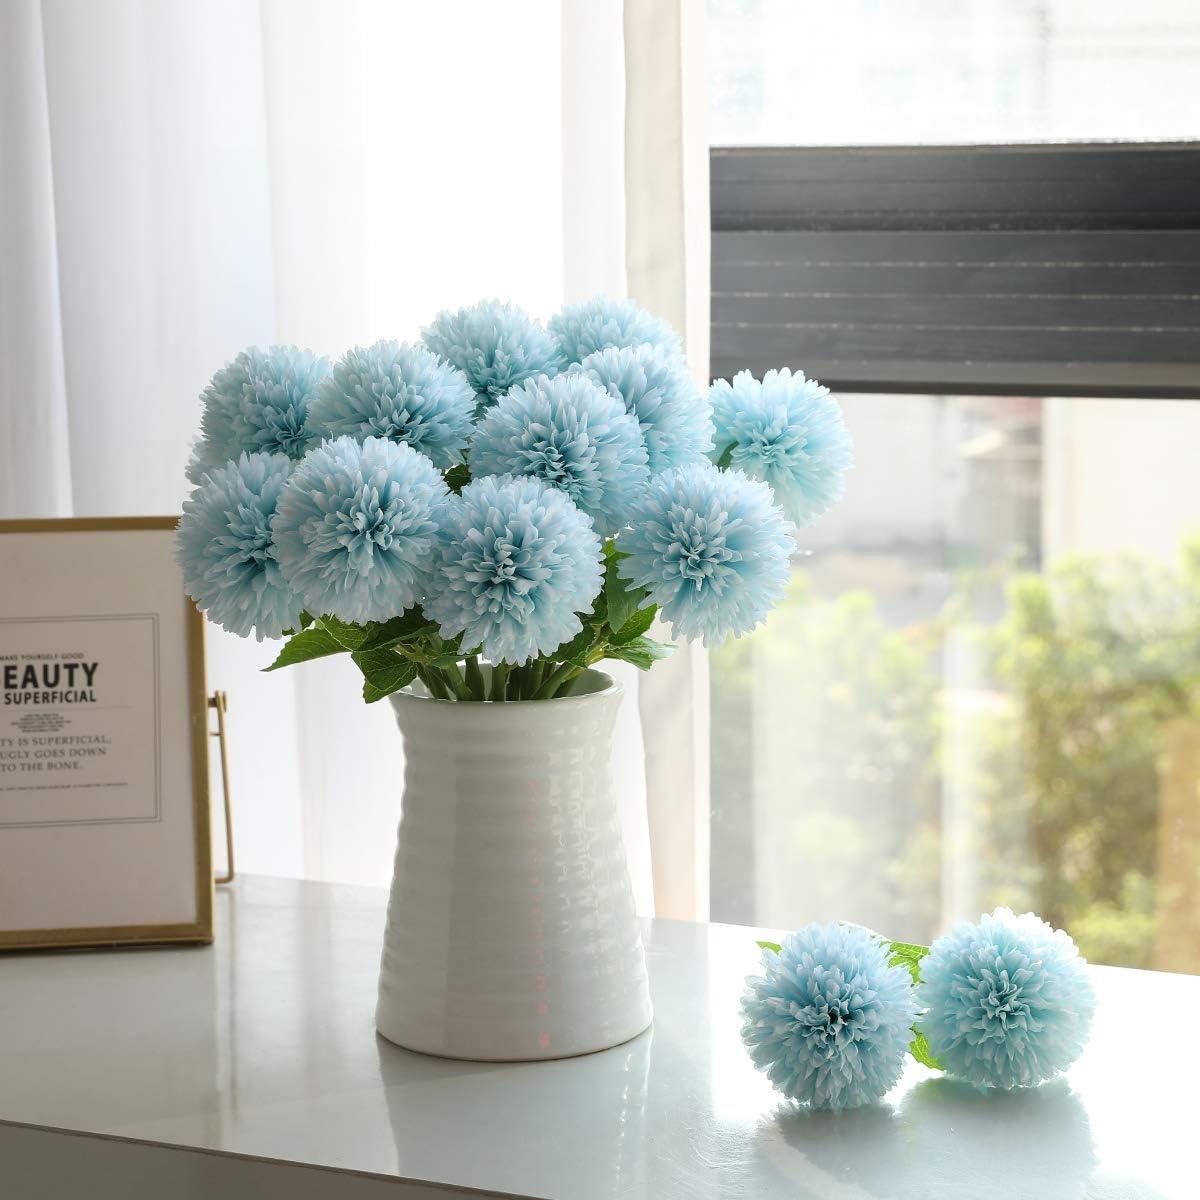 centrotavola Bouquet da Sposa Tifuly Fiori di Ortensia Artificiale Composizione Floreale Arancione 6 Pezzi di Fiori di Palla di crisantemo di Seta per la Decorazione del Giardino di casa